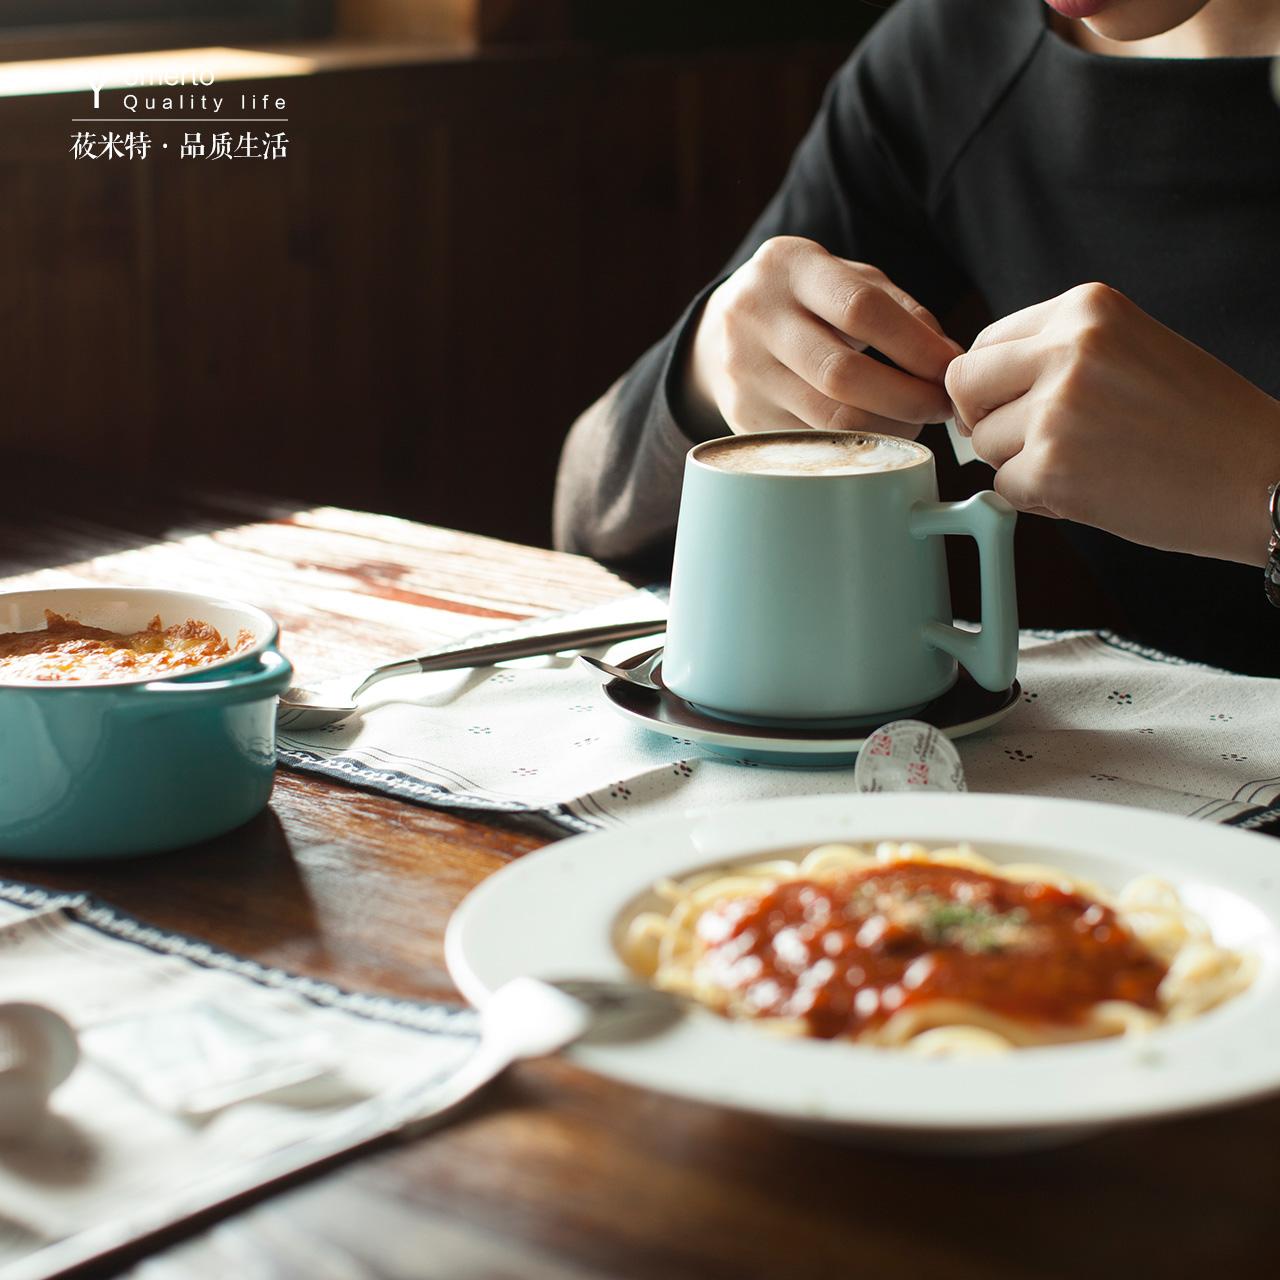 咖啡杯碟套裝歐式高檔陶瓷杯子情侶 簡約水杯茶杯牛奶杯馬克杯